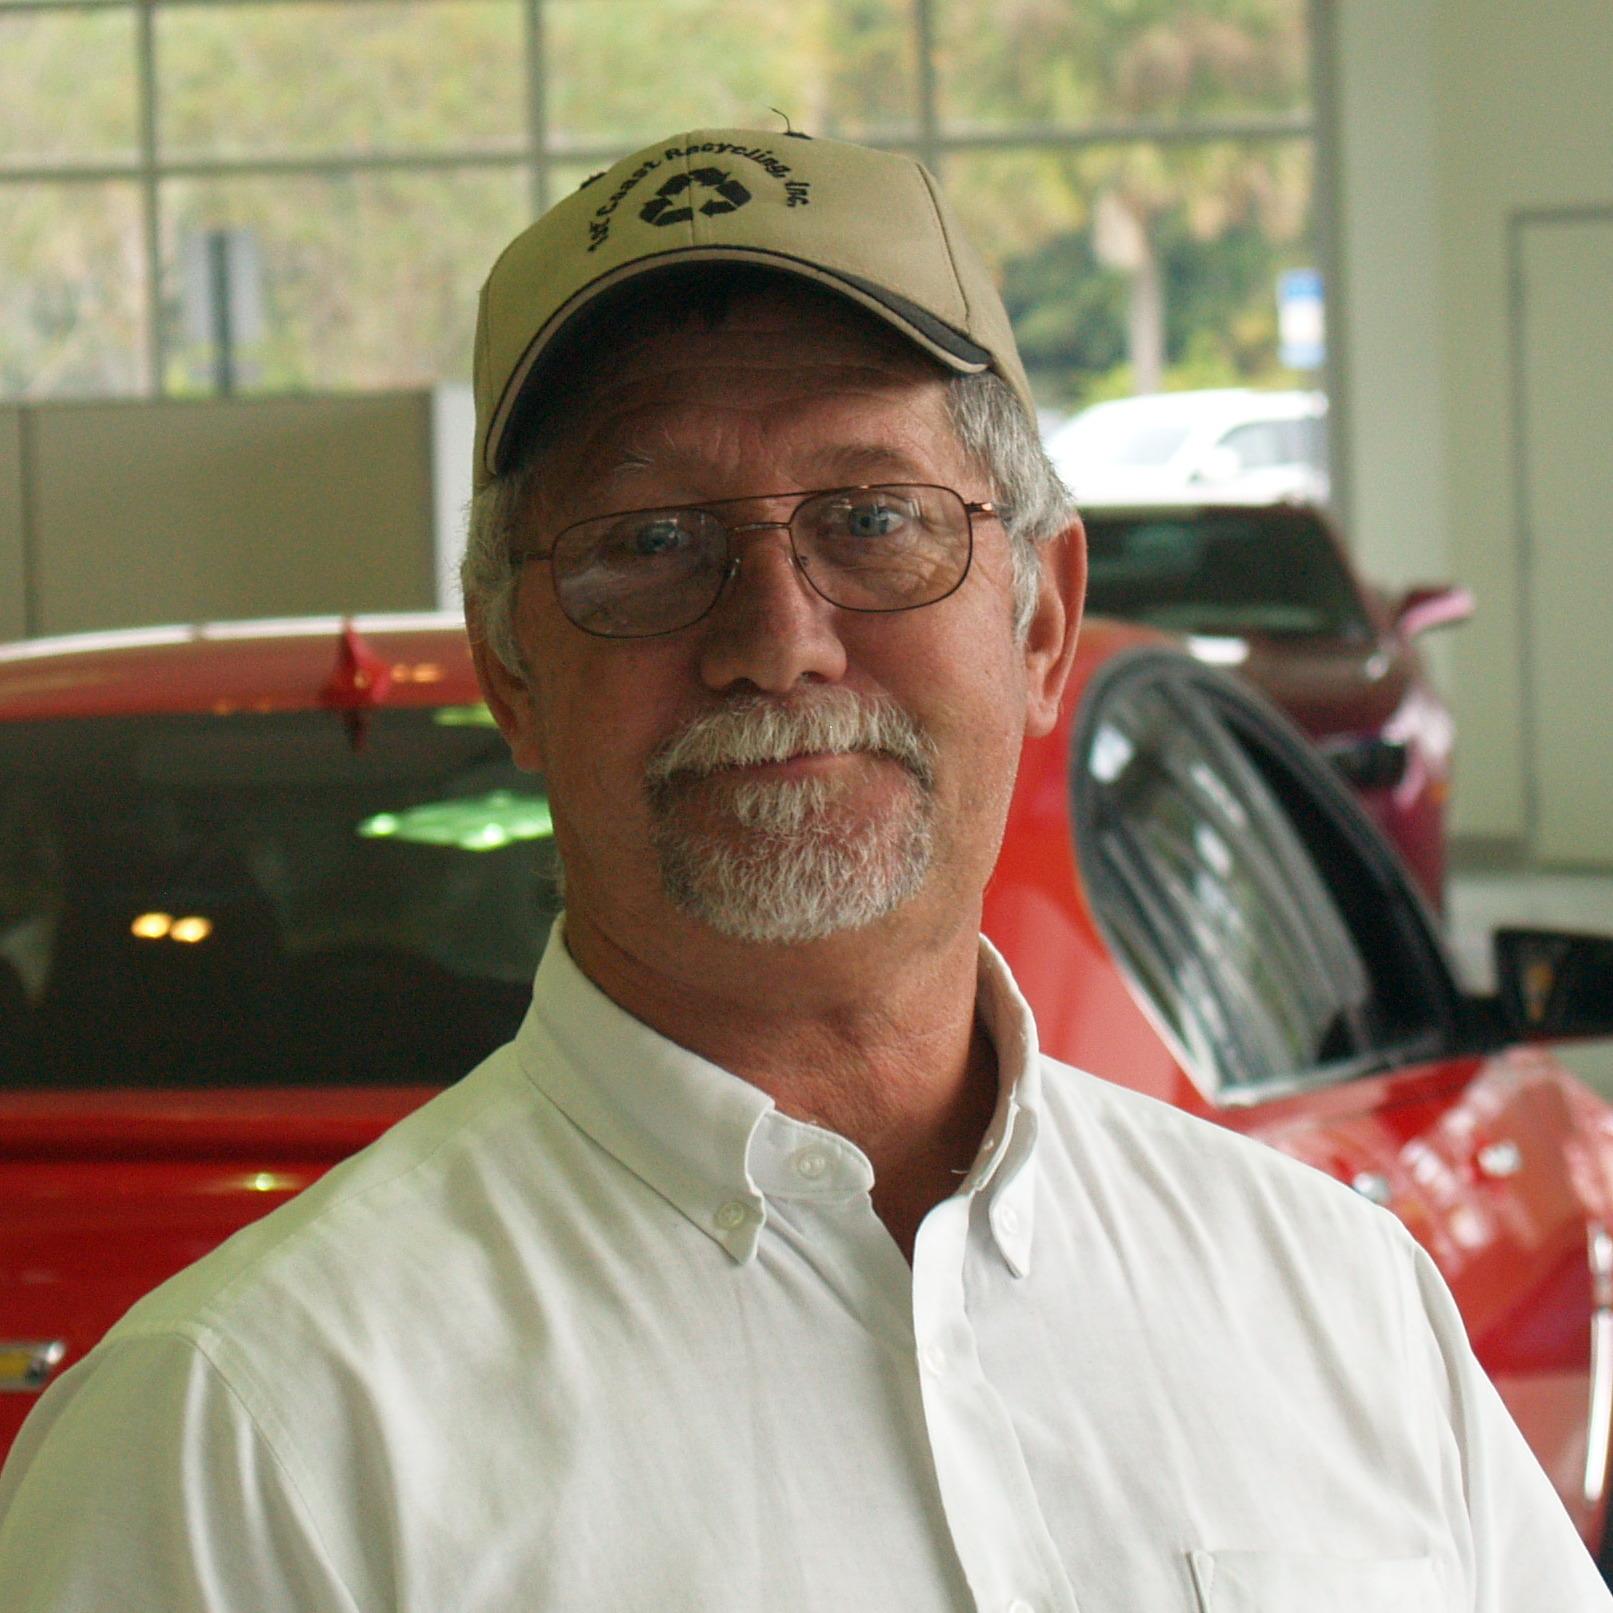 Gary McKinley